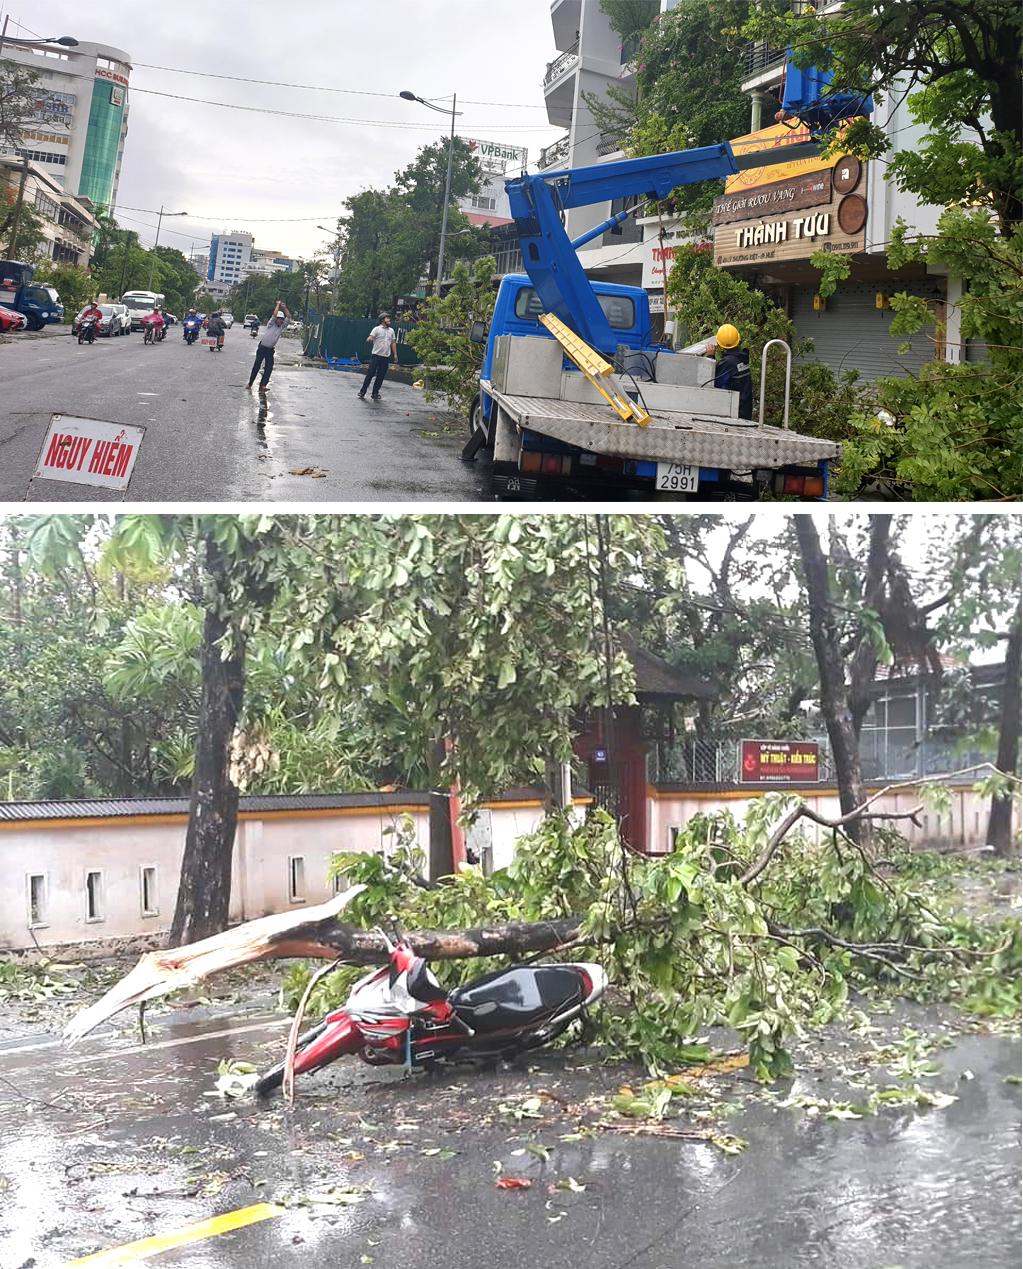 Bão số 5 đổ bộ miền Trung gây lốc xoáy, mưa lớn và ngập úng ảnh 6